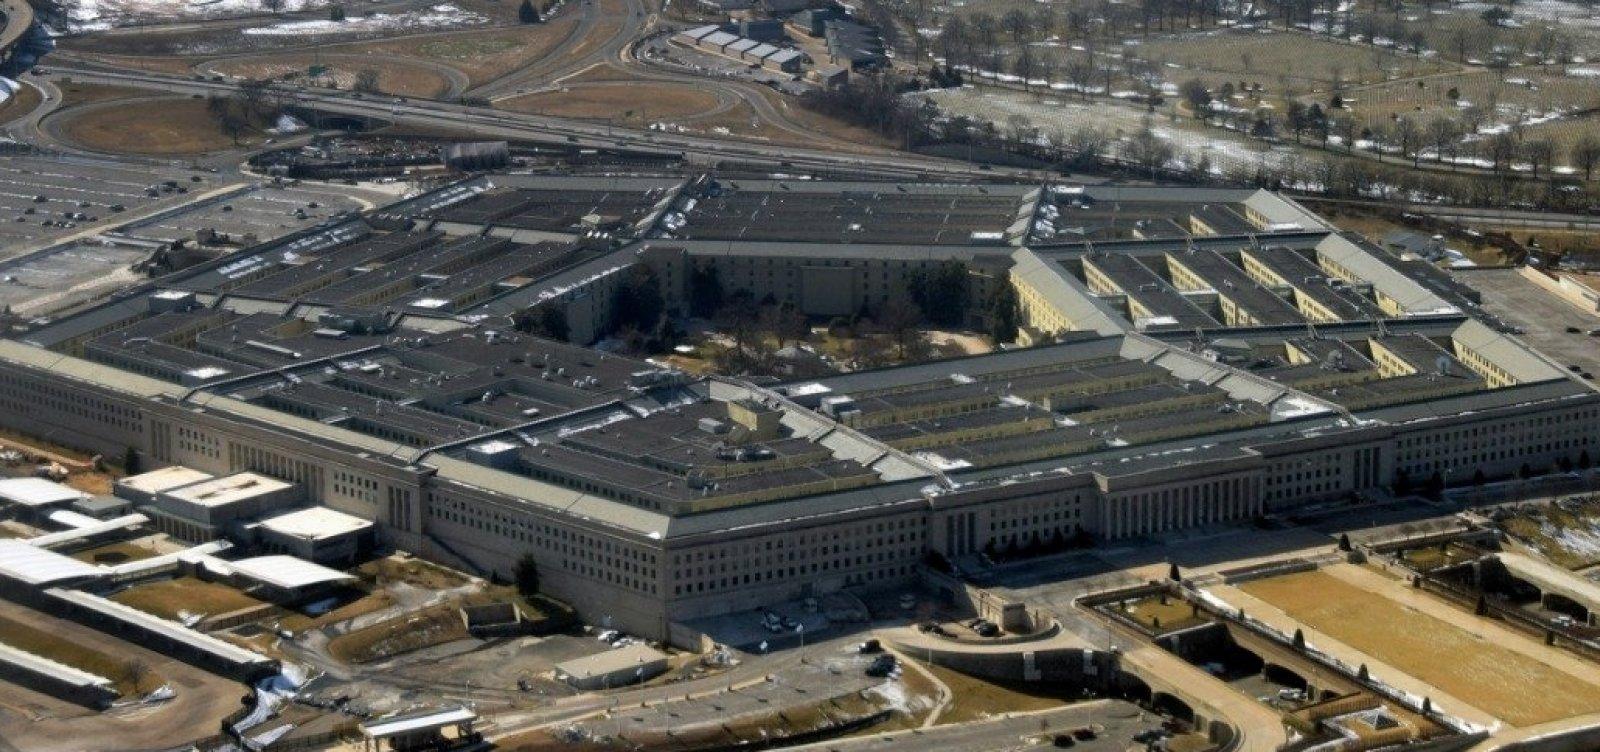 Pacotes enviados ao Pentágono supostamente continham ricina